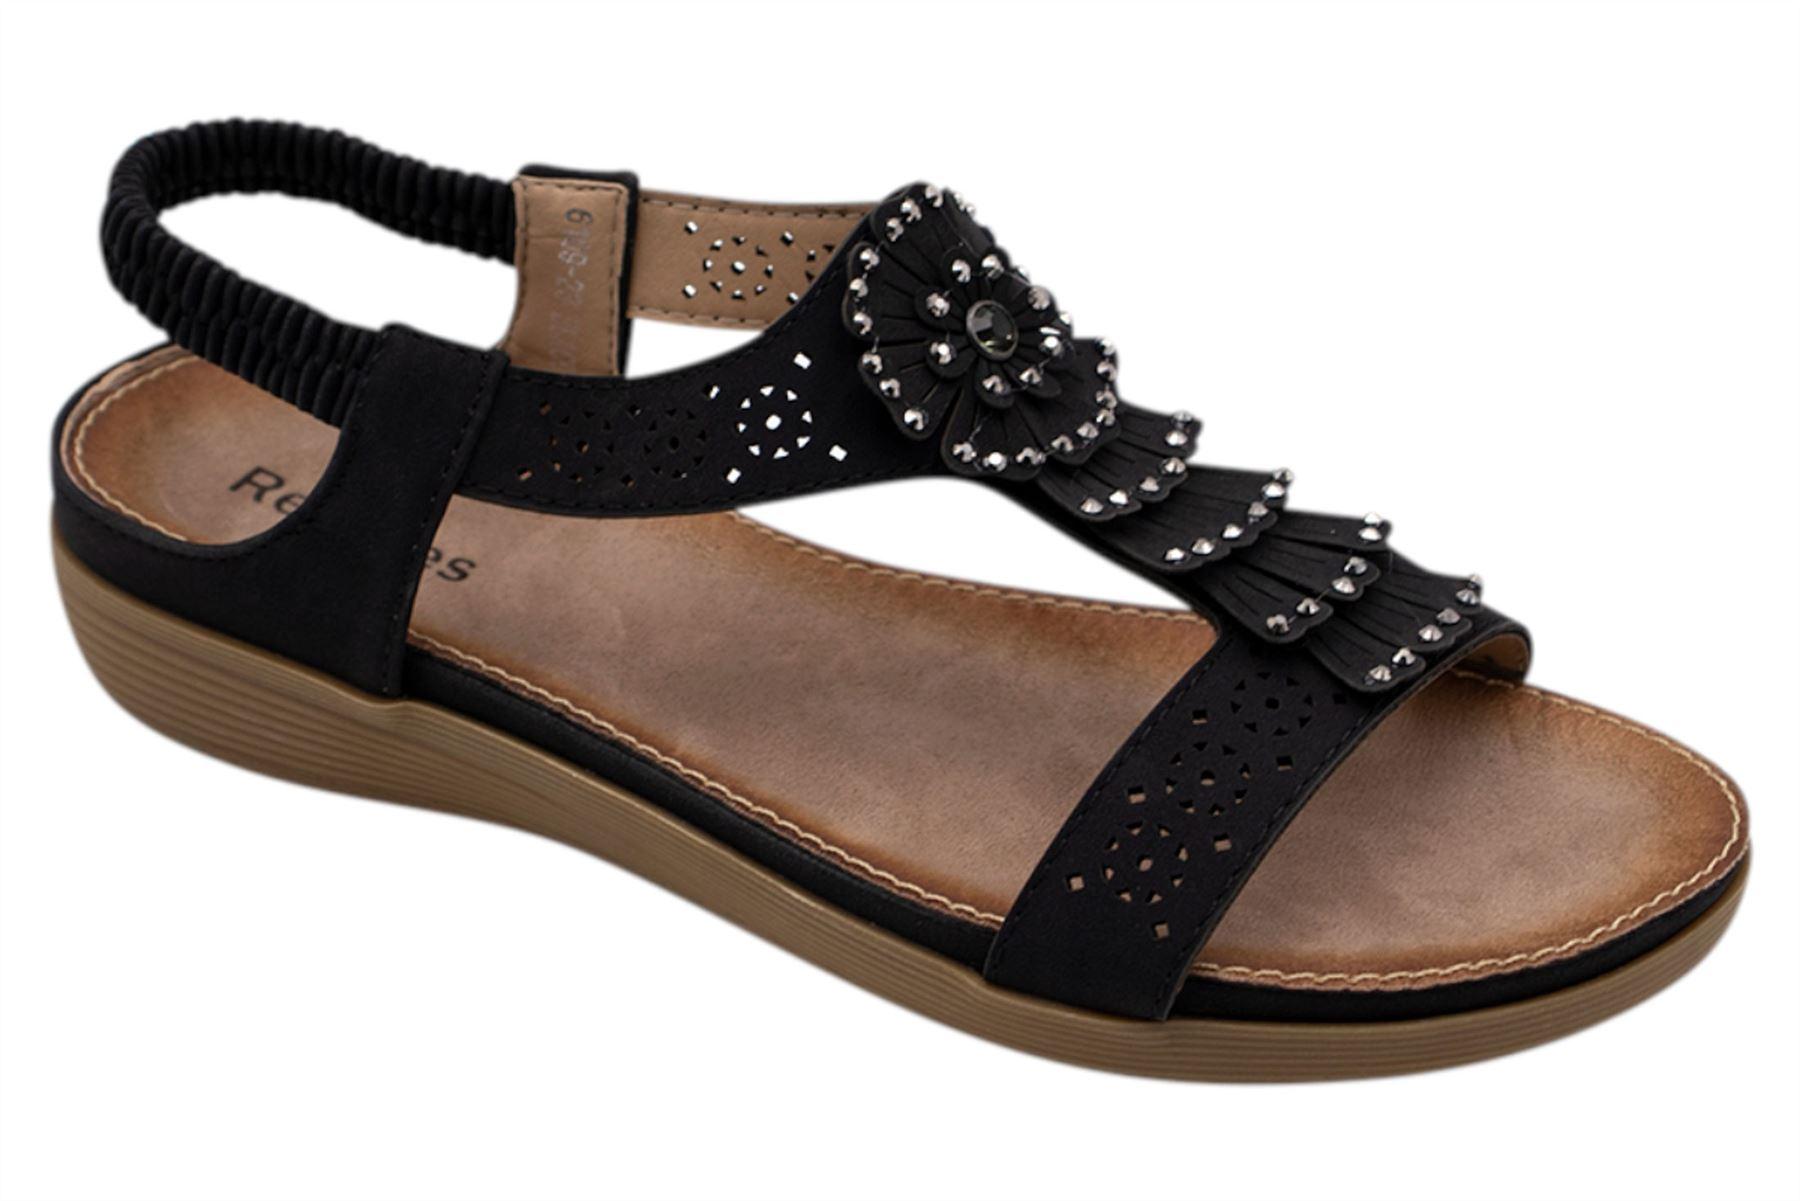 Ladies-Sandals-Womens-Shiny-Flat-Flip-Flop-Beach-Sliders miniatura 13